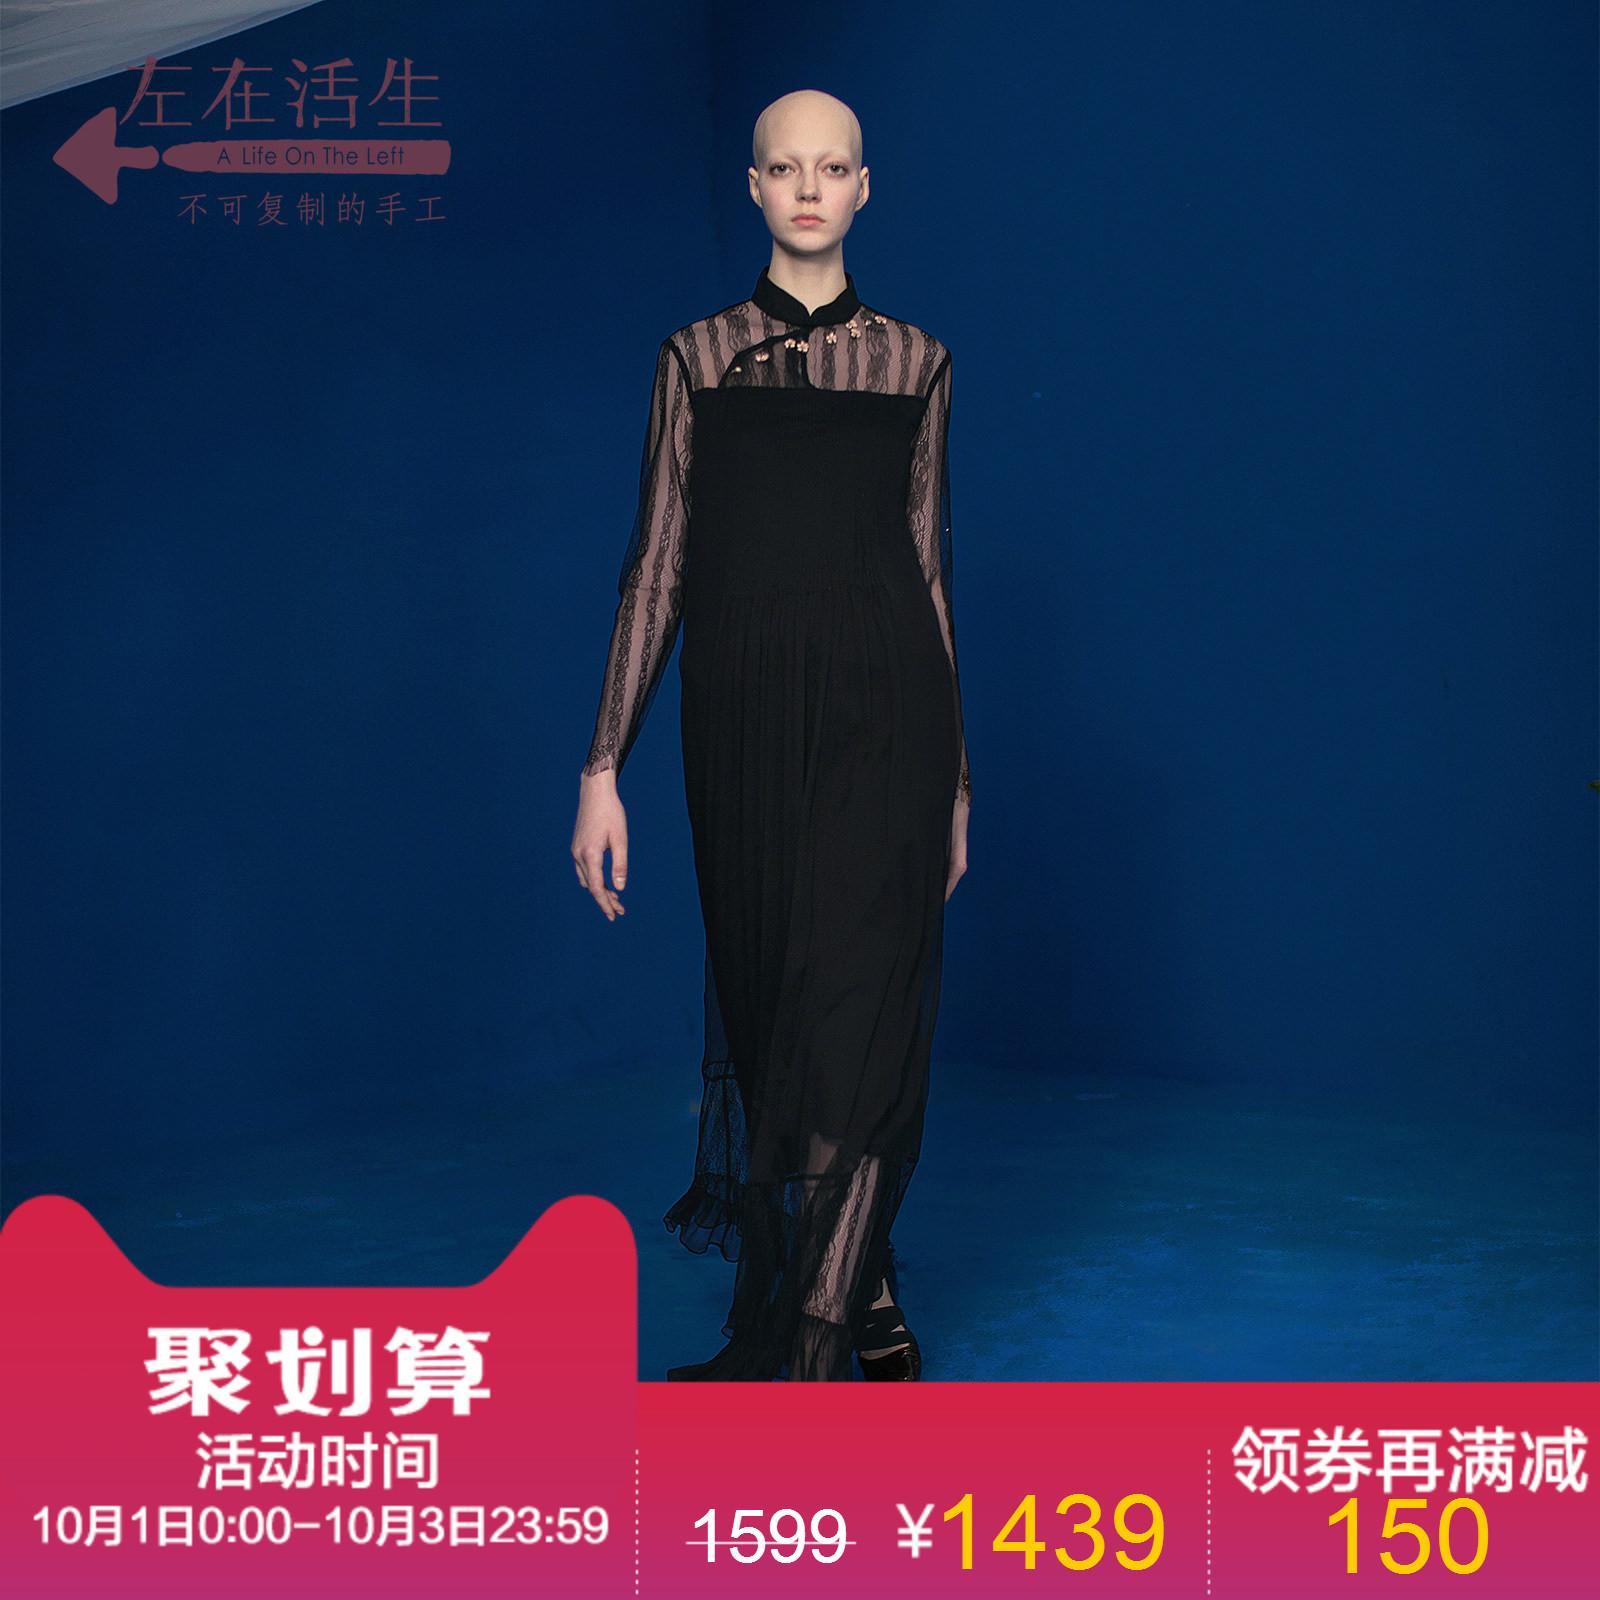 生活在左2018秋装新款高端真丝镂空网纱黑色连衣裙女装桑蚕丝长裙